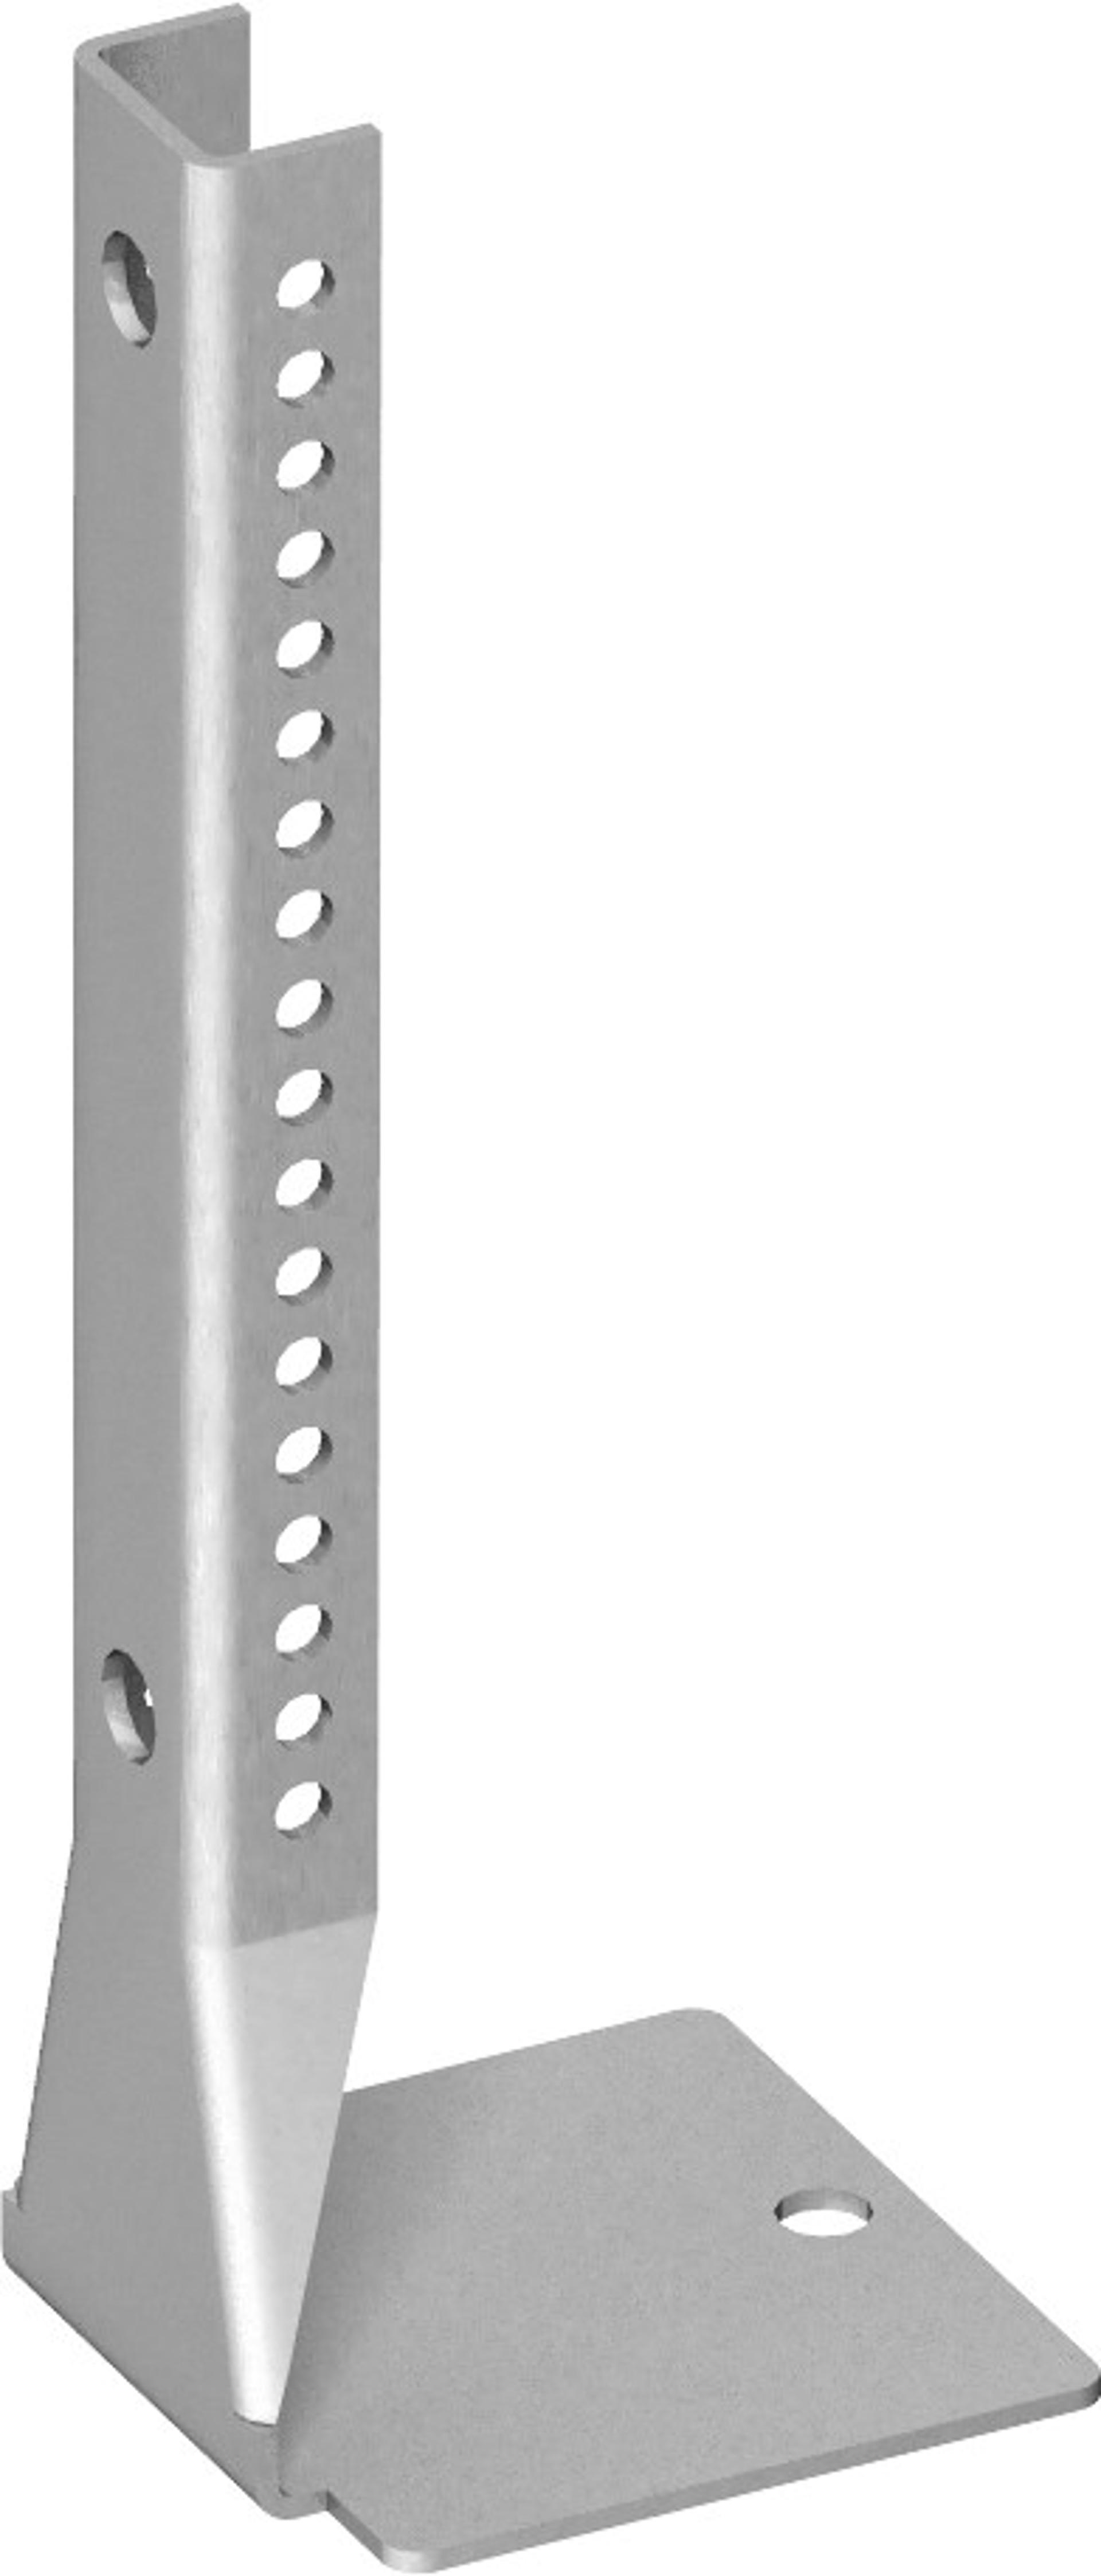 3301.tif